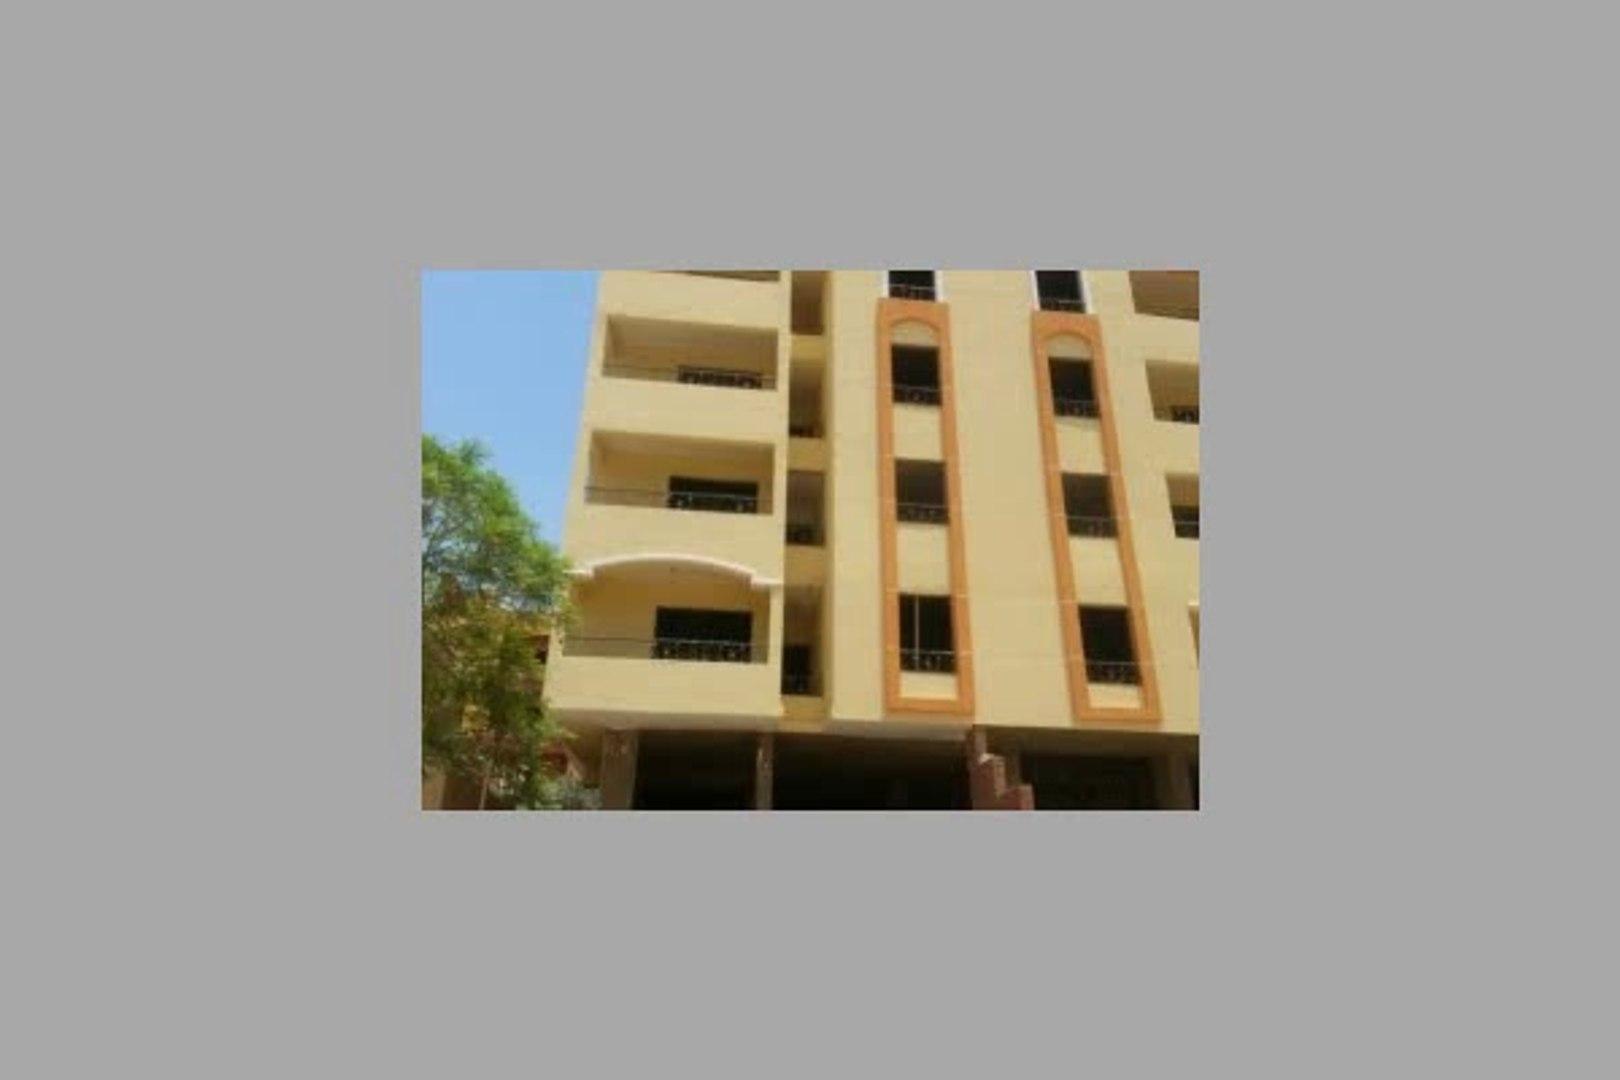 شقة للبيع في حدائق الأهرام عمارة رقم 10 ن البوابة التالتة مساحتها الإجمالية 121م الدور الرابع - mlse